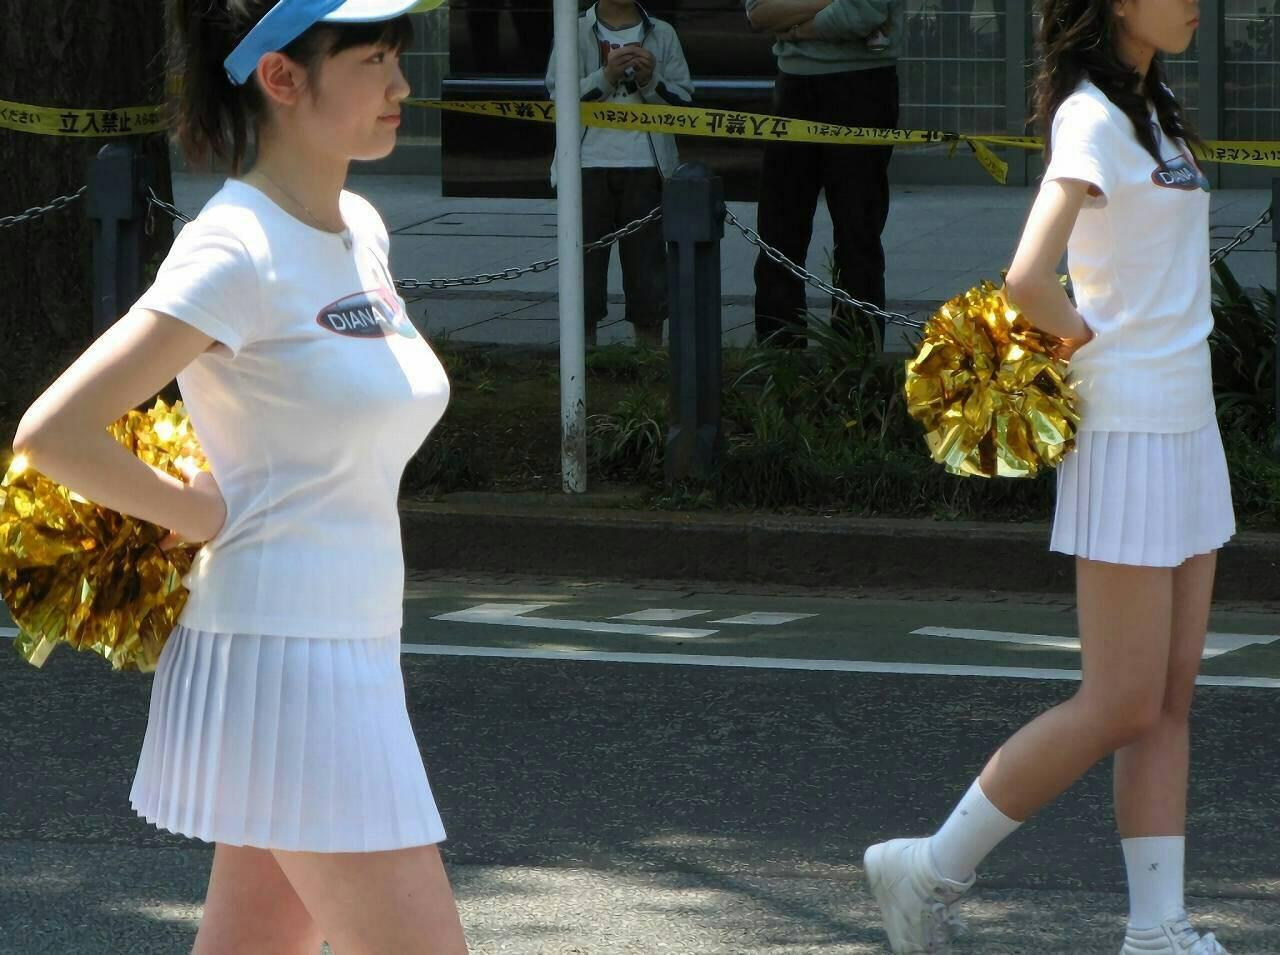 スポーツする女の子のクッソエロい画像をくださいwwwwww 780LDGy